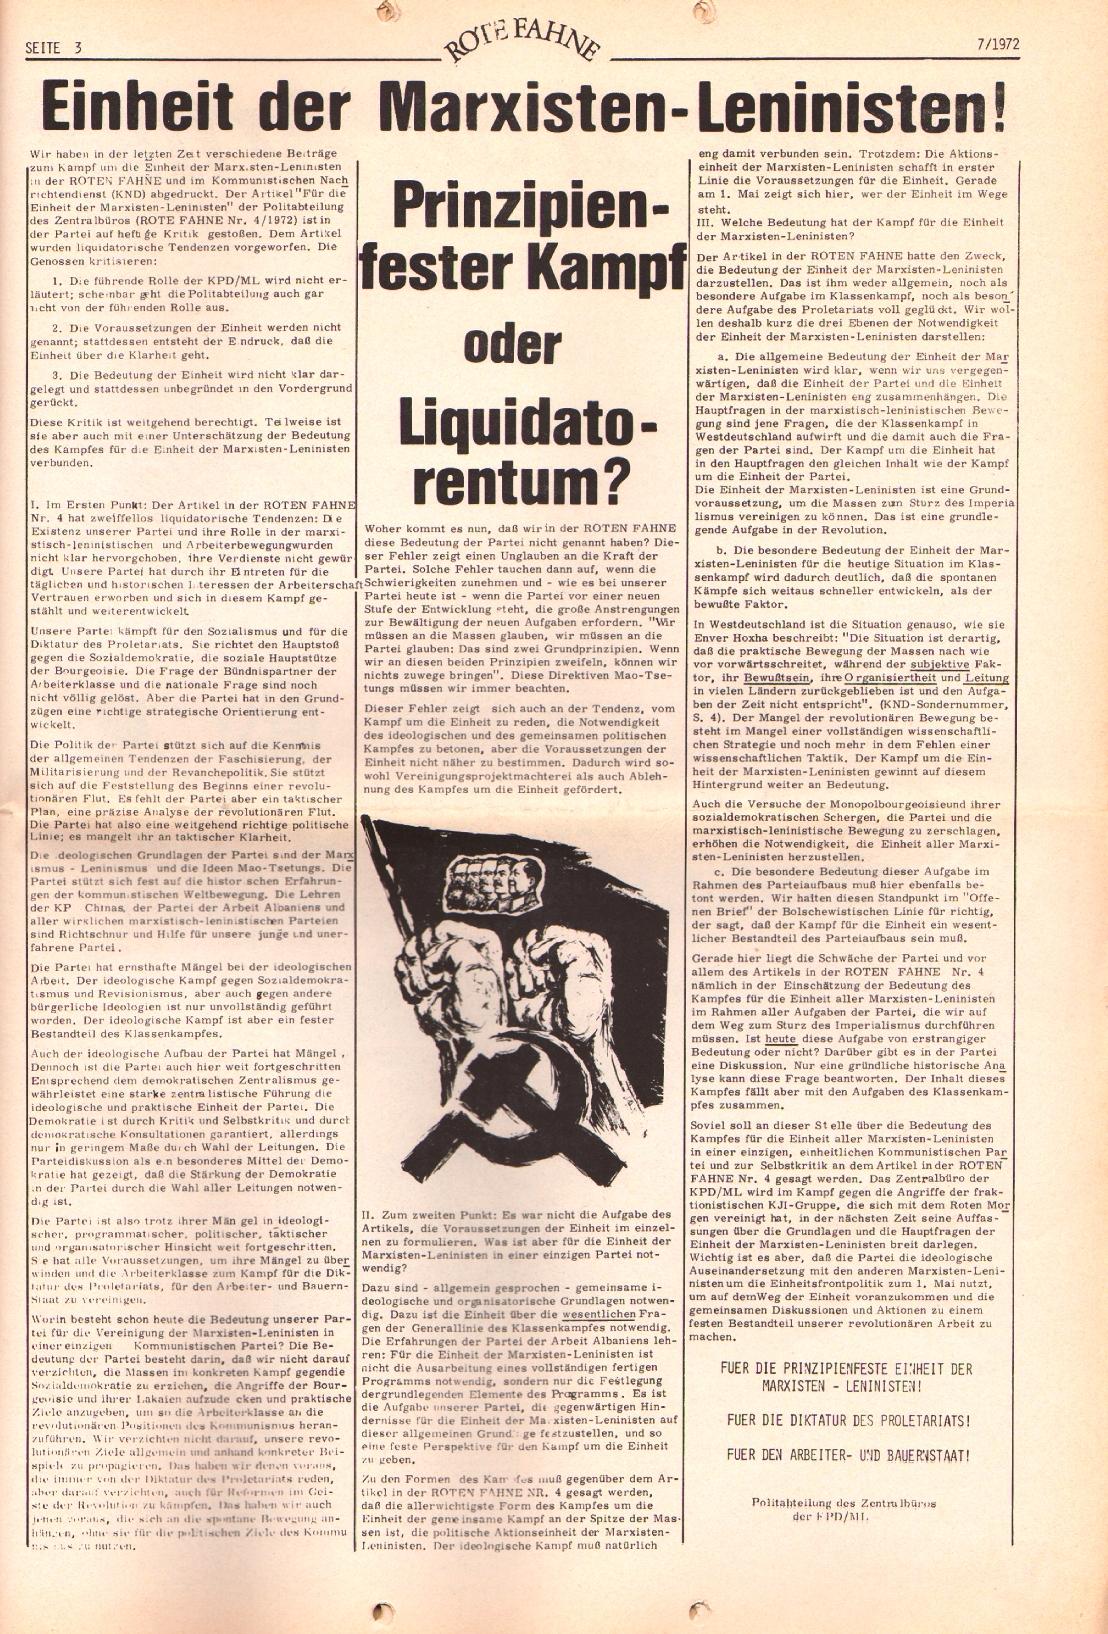 Rote Fahne, 3. Jg., 3.4.1972, Nr. 7, Seite 3